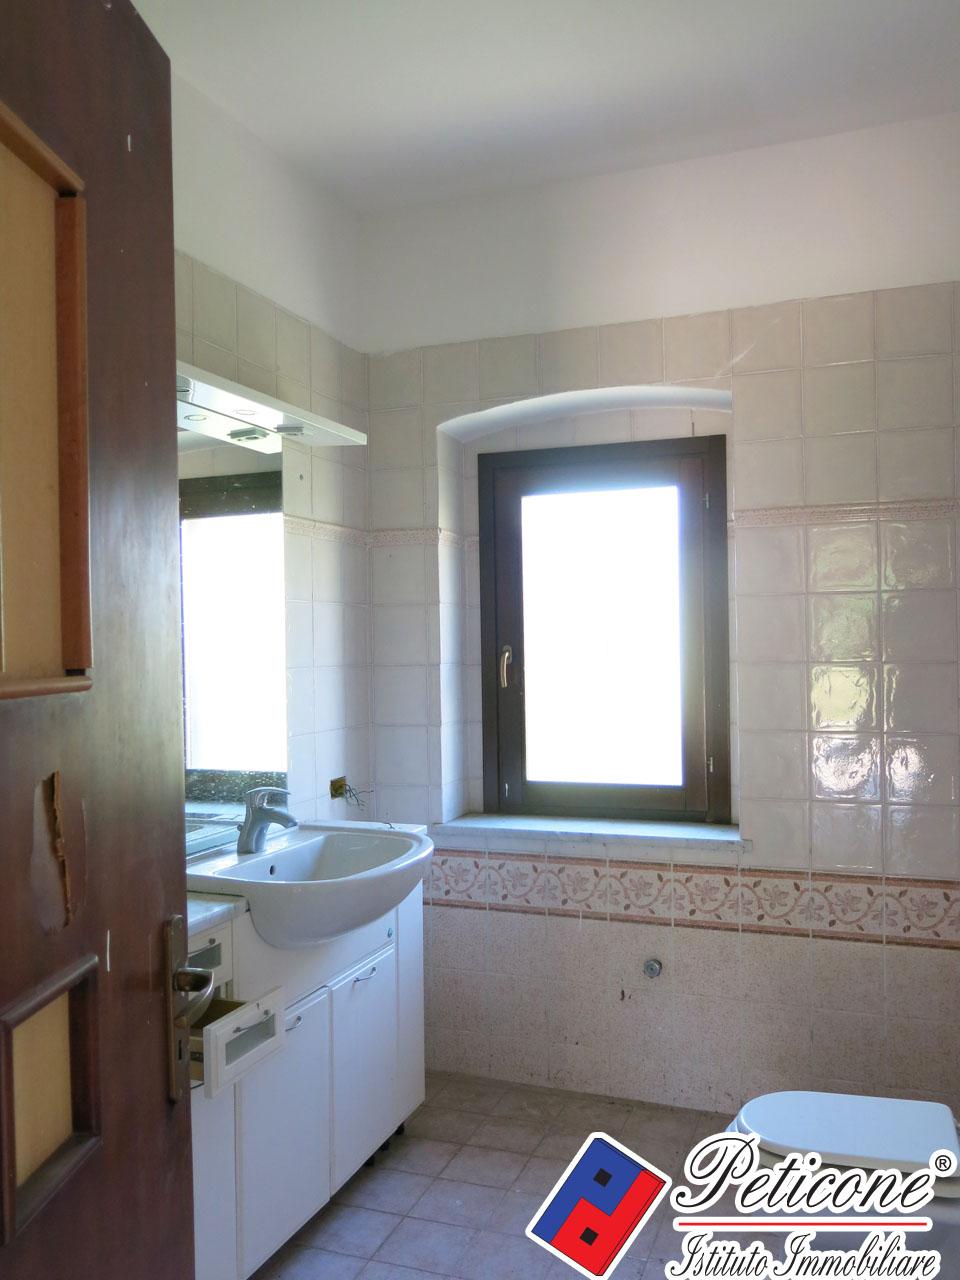 Villa in Vendita a Formia: 4 locali, 90 mq - Foto 21